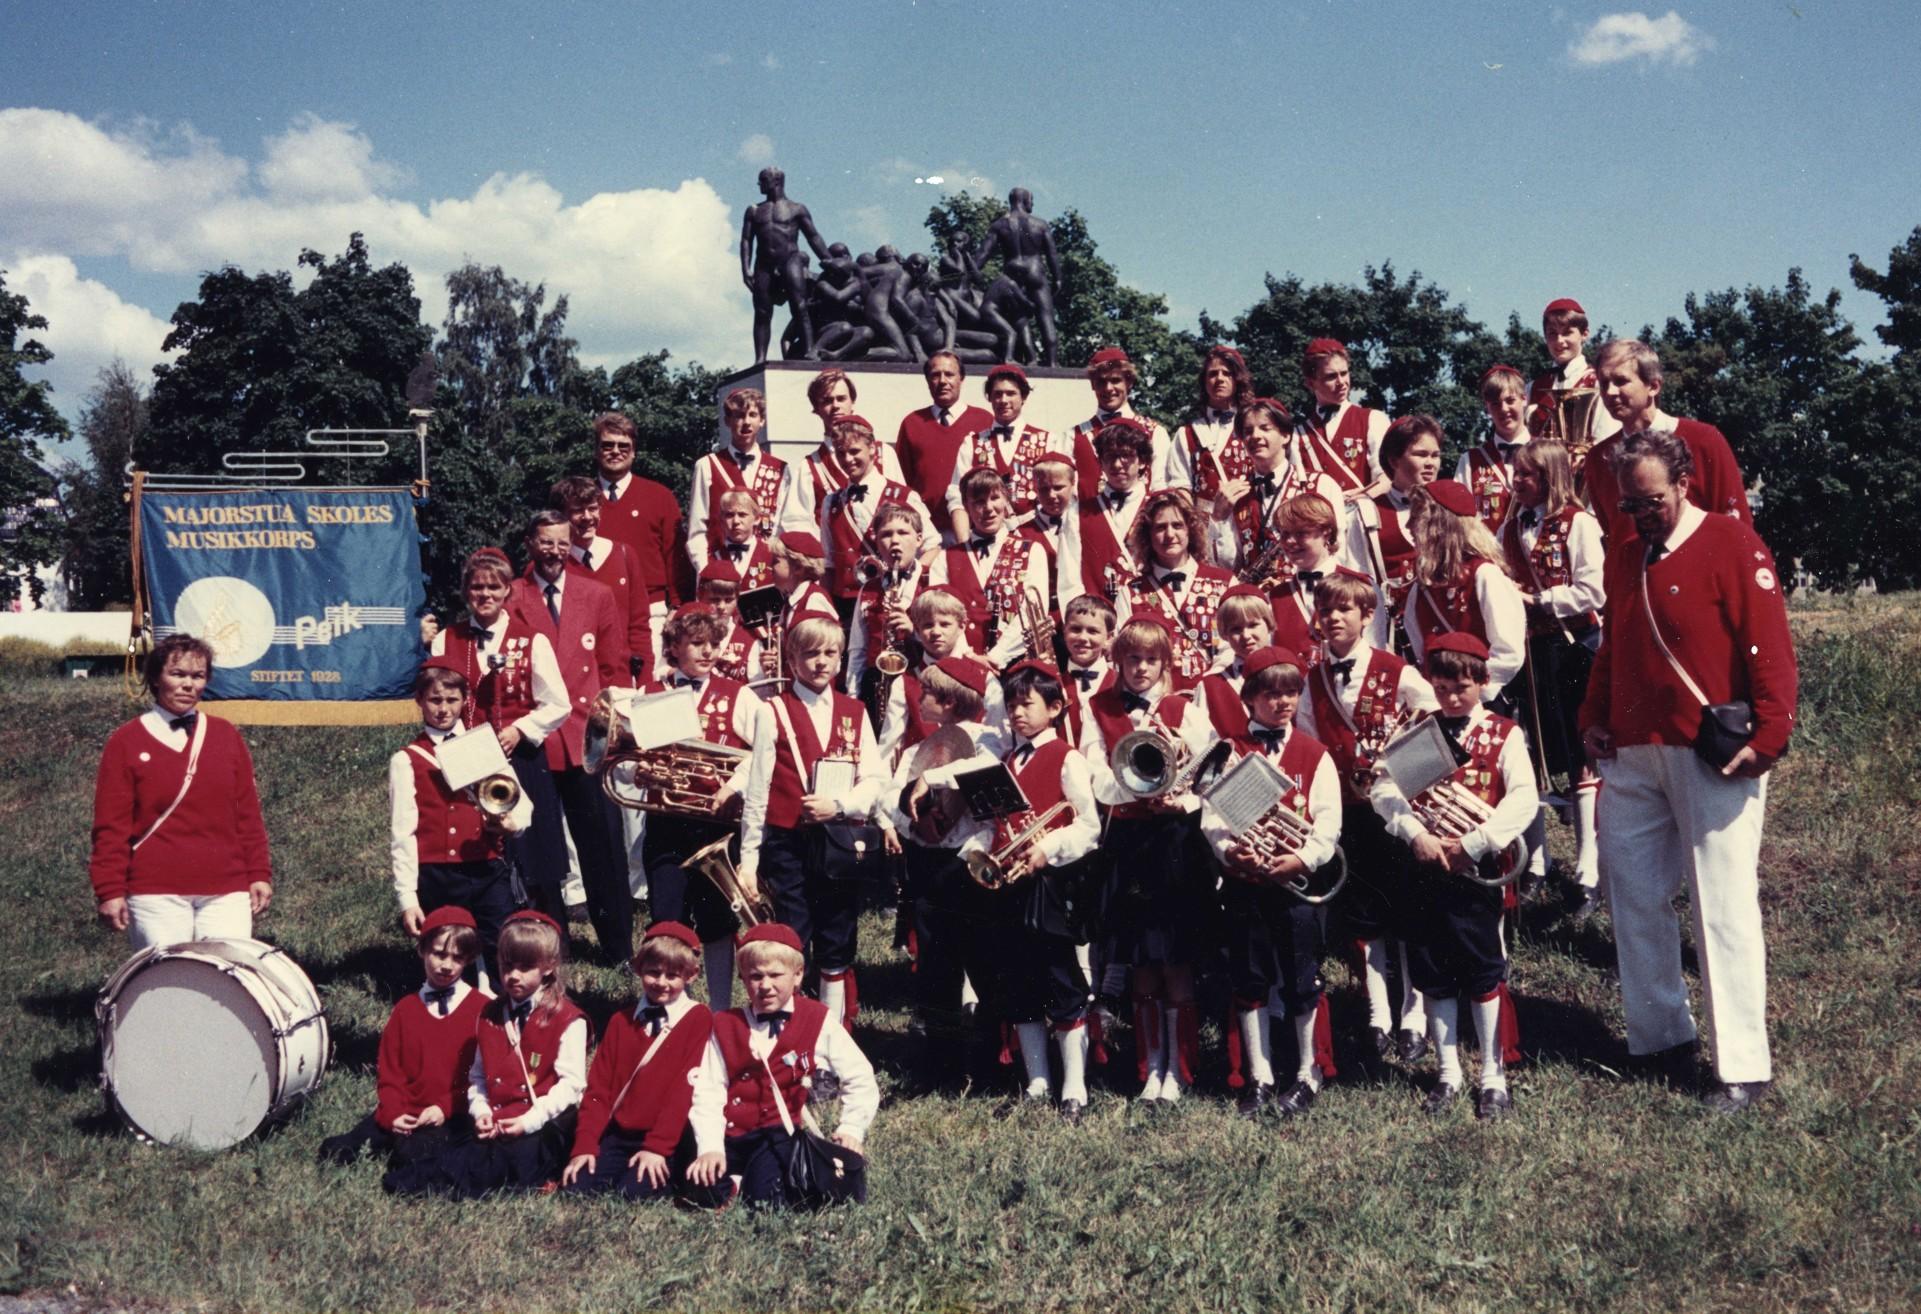 peikbilder_korpset_1988_014.jpg